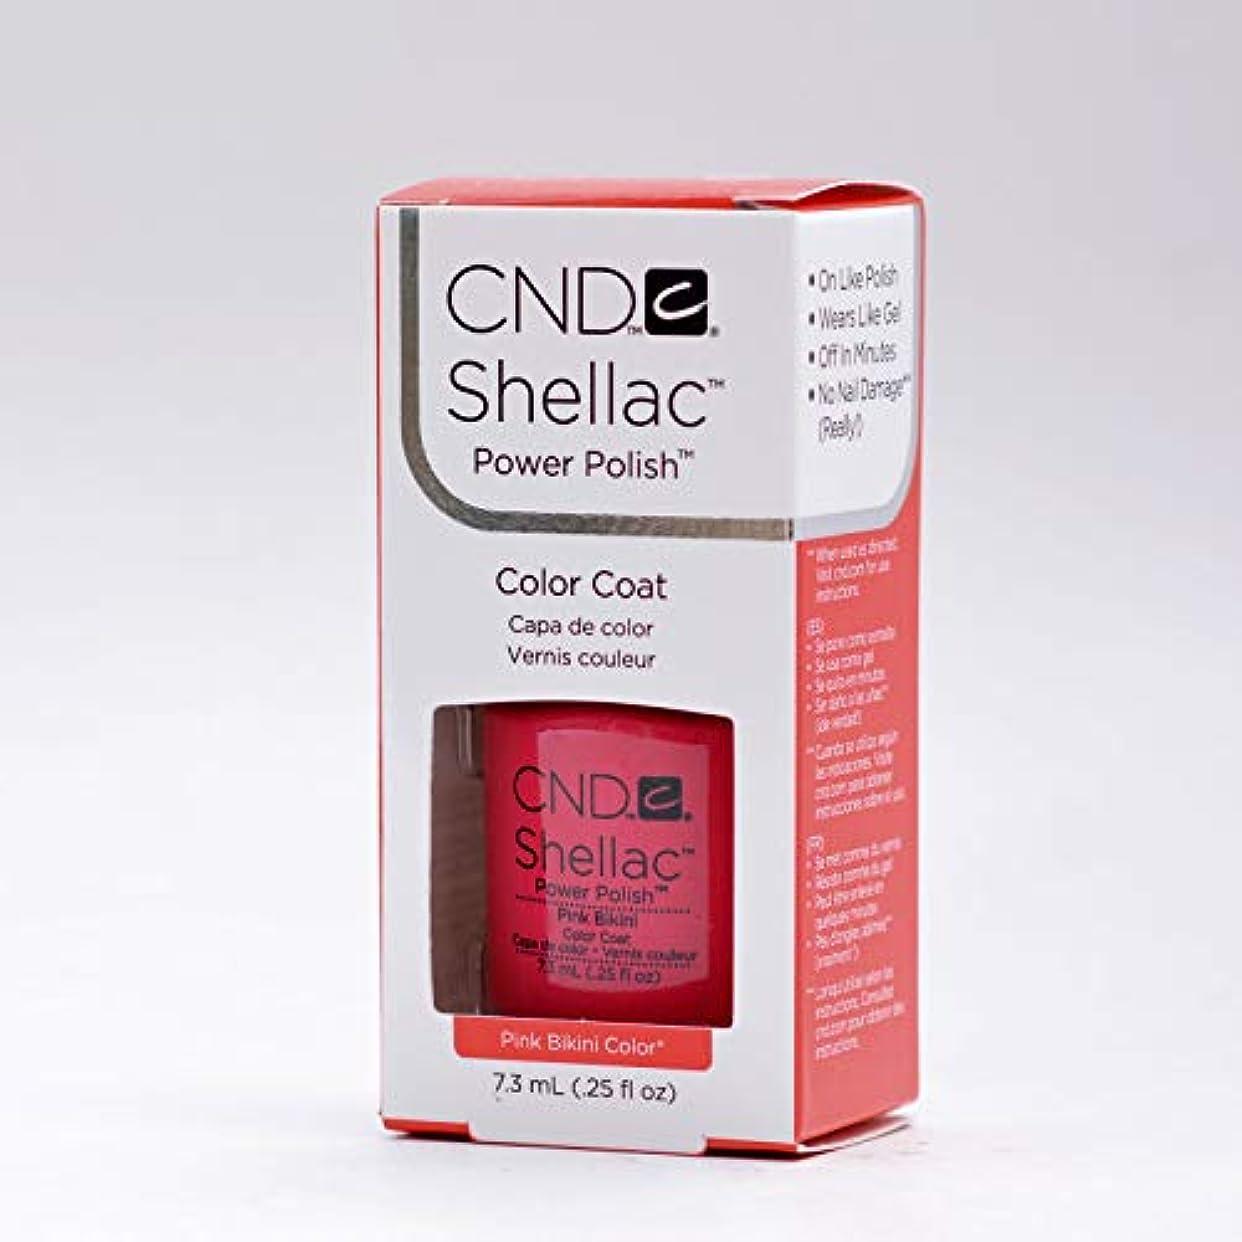 準備する用心深いブラザー【CND 】Shellac?ソークオフジェル? Pink Bikini(Summer Splash Collection ) 7.3ml[CND-09944]